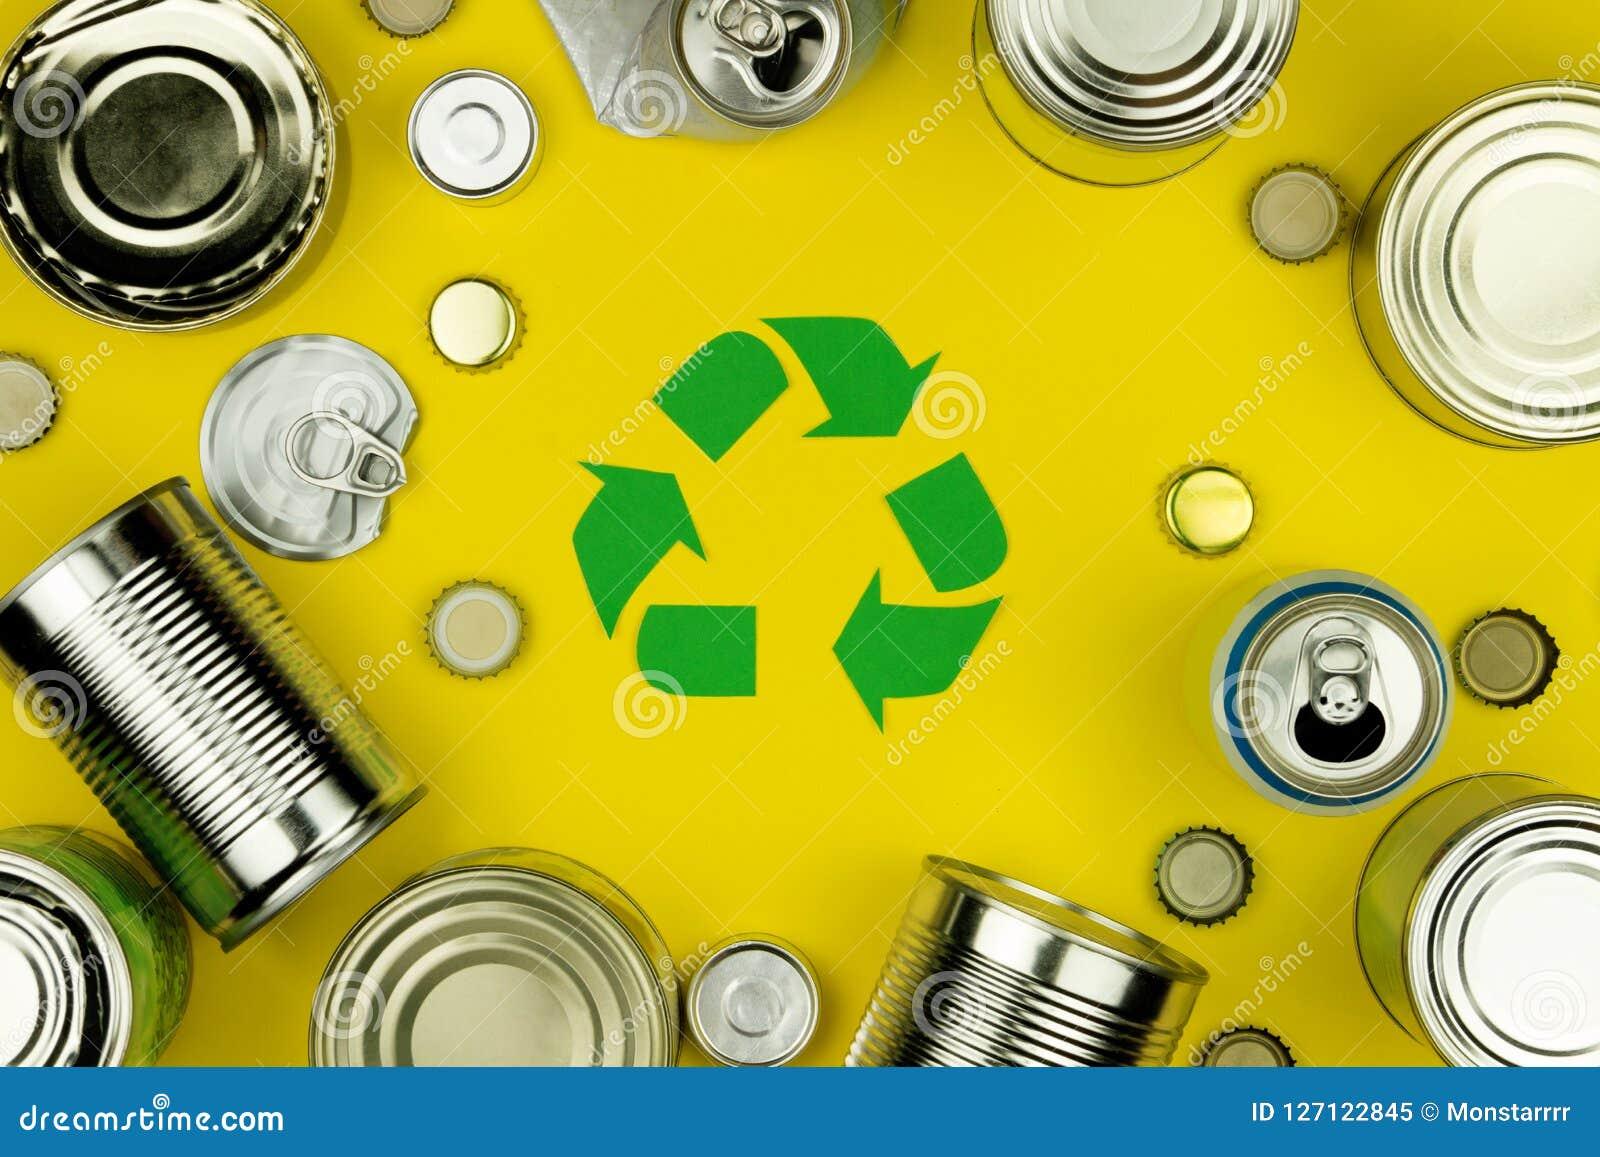 Recicle el símbolo de la muestra de la reutilización con las latas de aluminio del metal, cubiertas, tarros